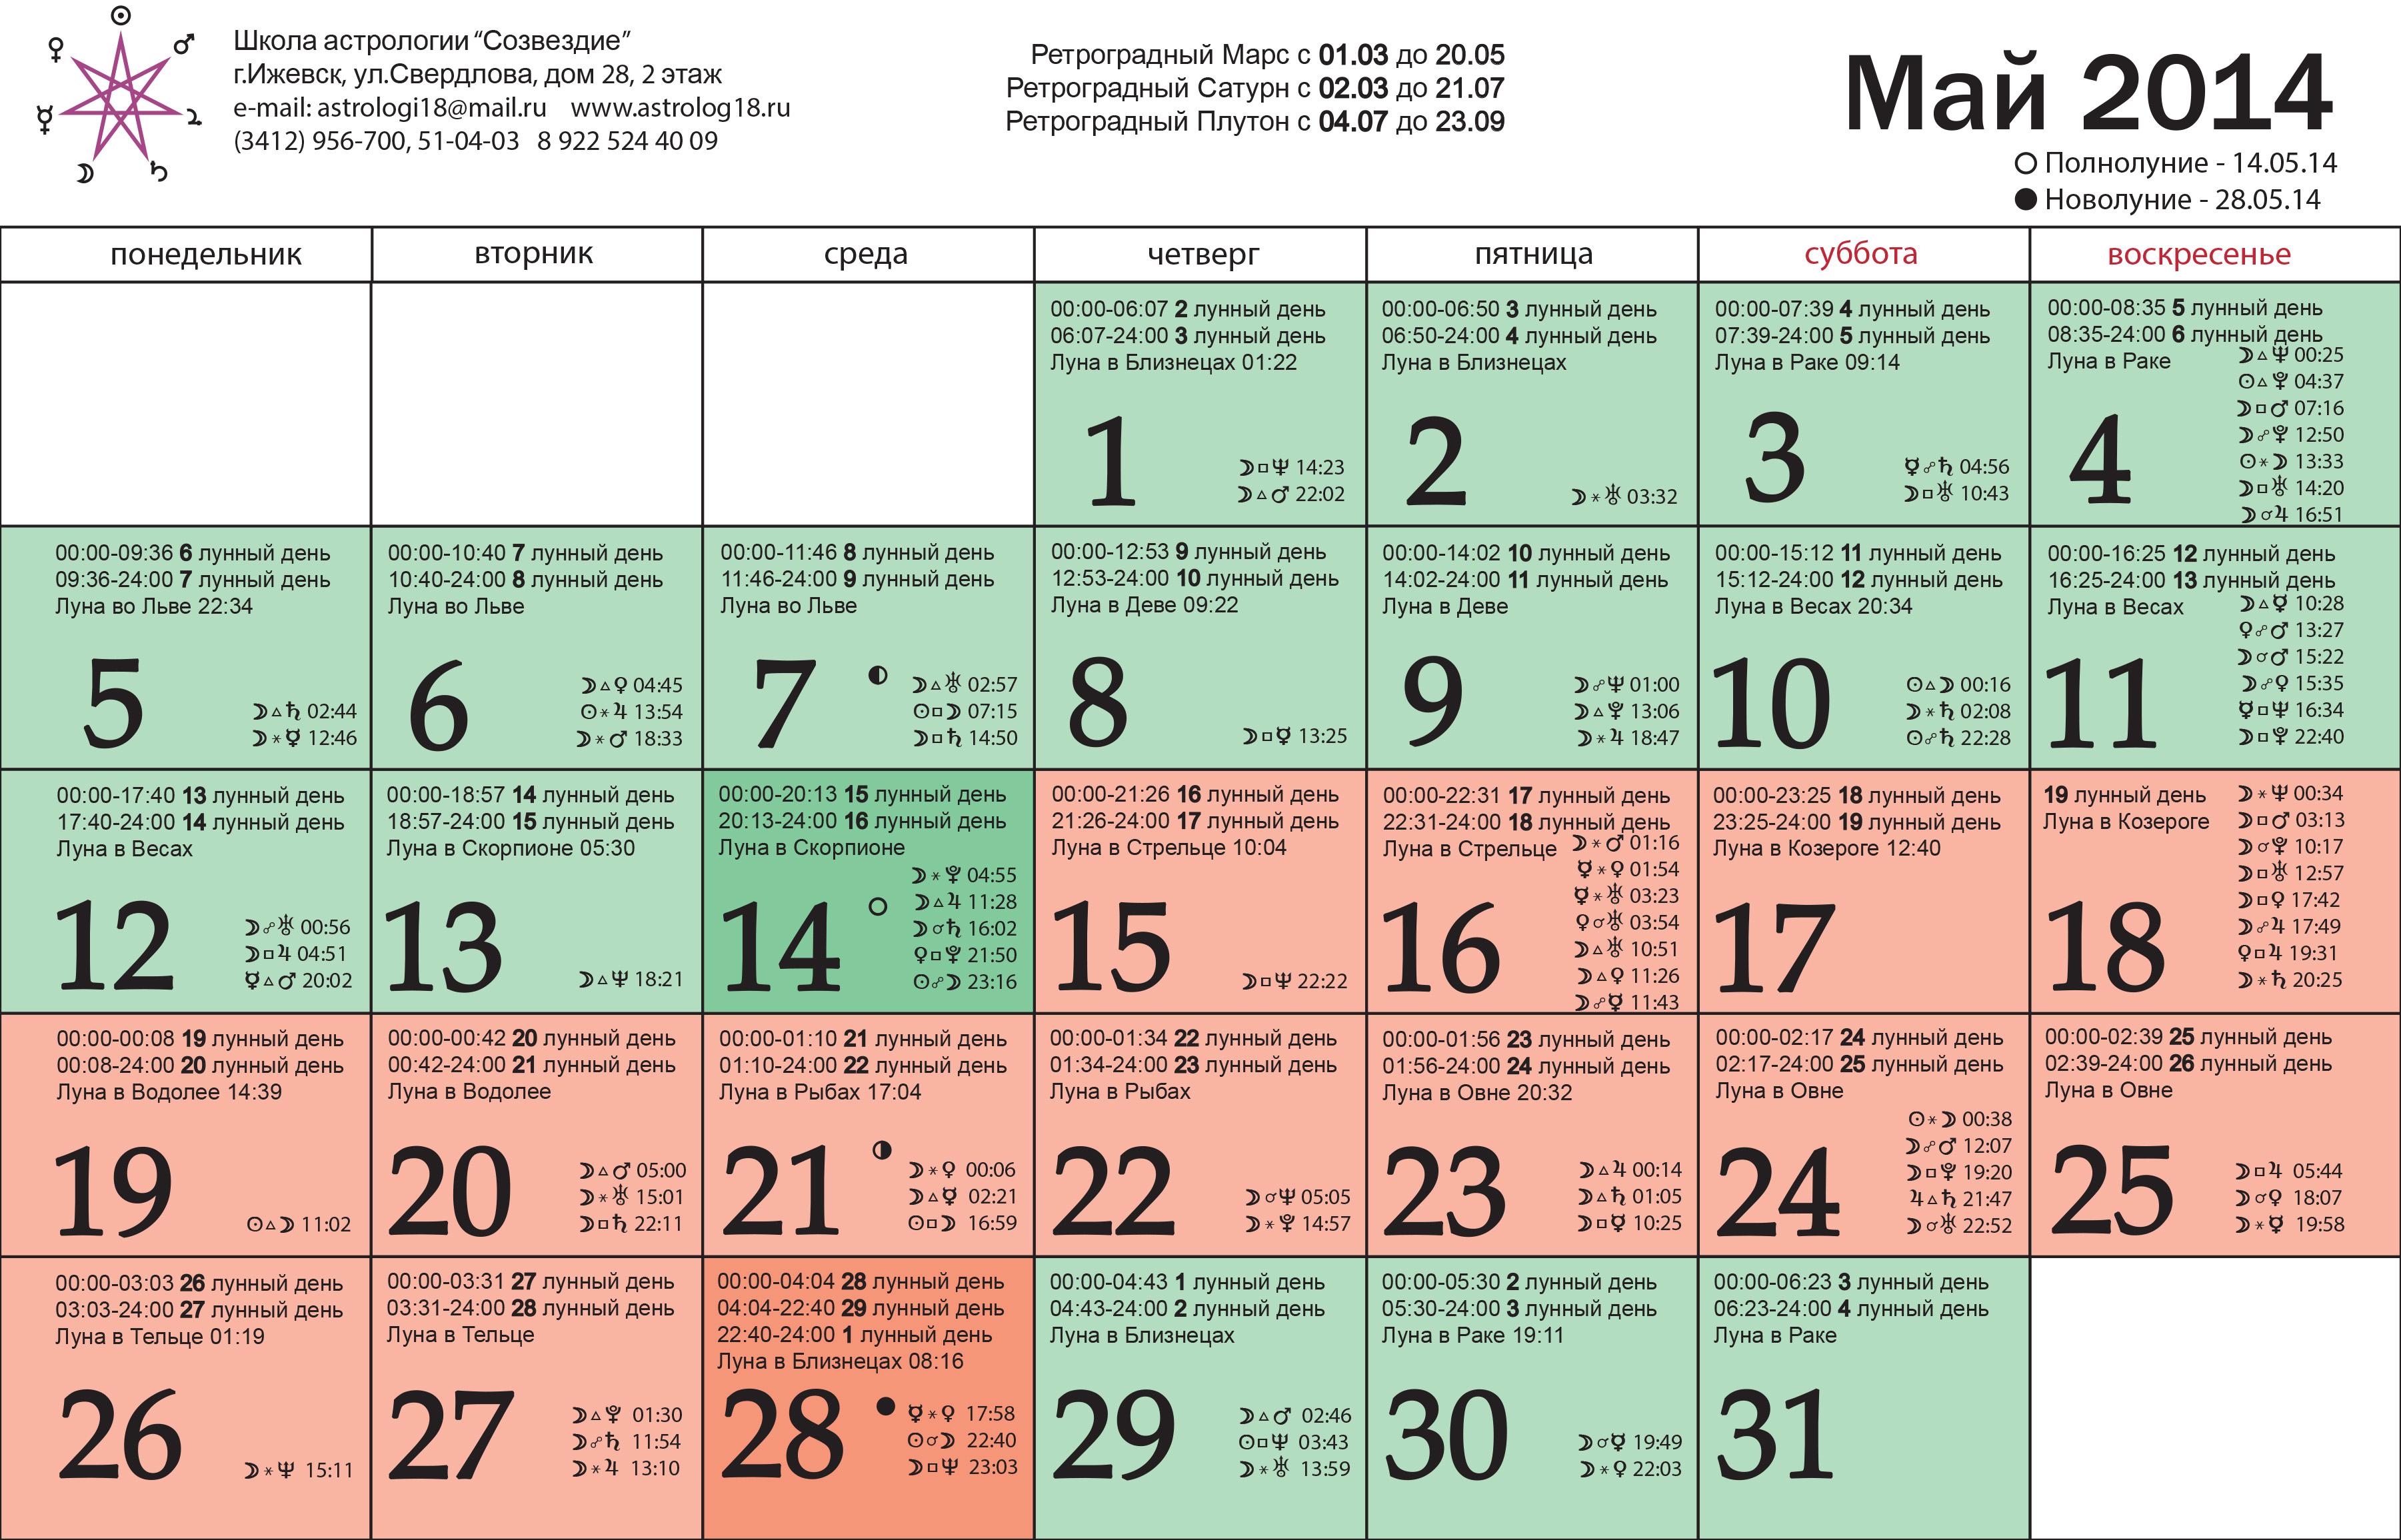 приоритета 10 января 2016 лунный день сегодня требуется работу